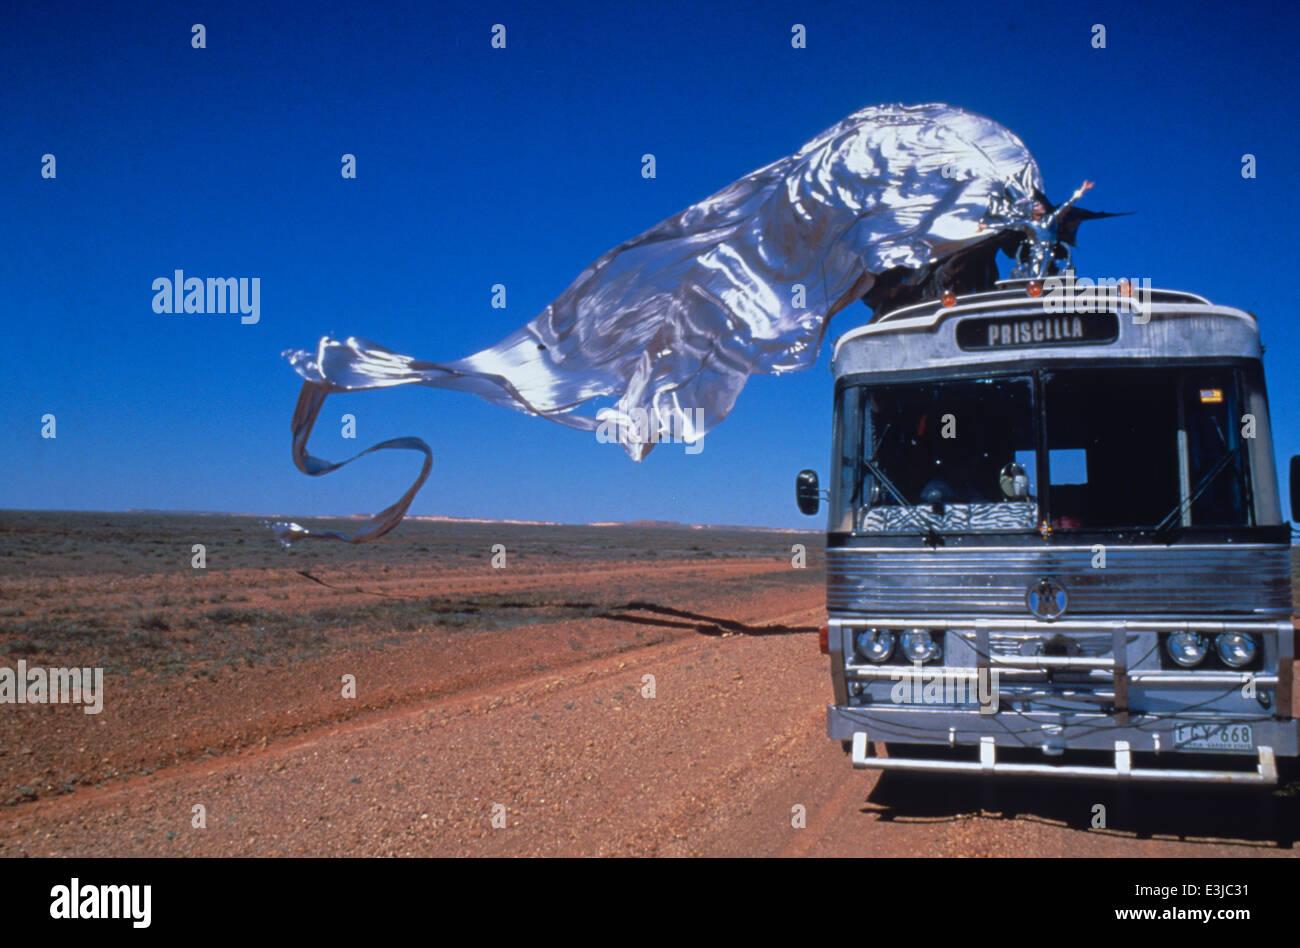 the adventures of priscilla,queen of the desert - Stock Image